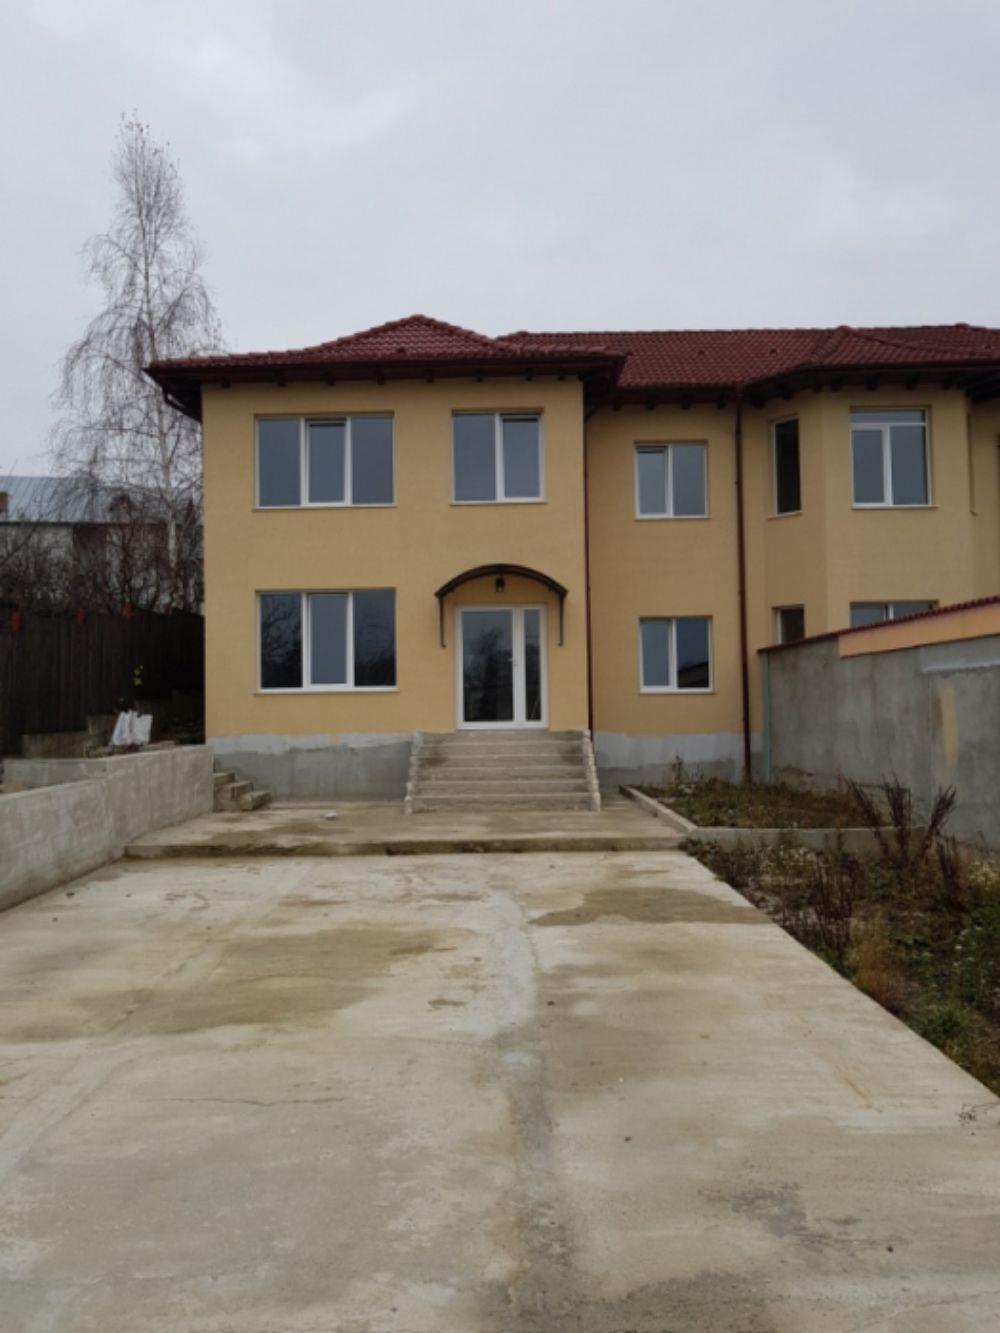 Apartament in vila Gavana 3, Str. Grigoresti - imagine 1